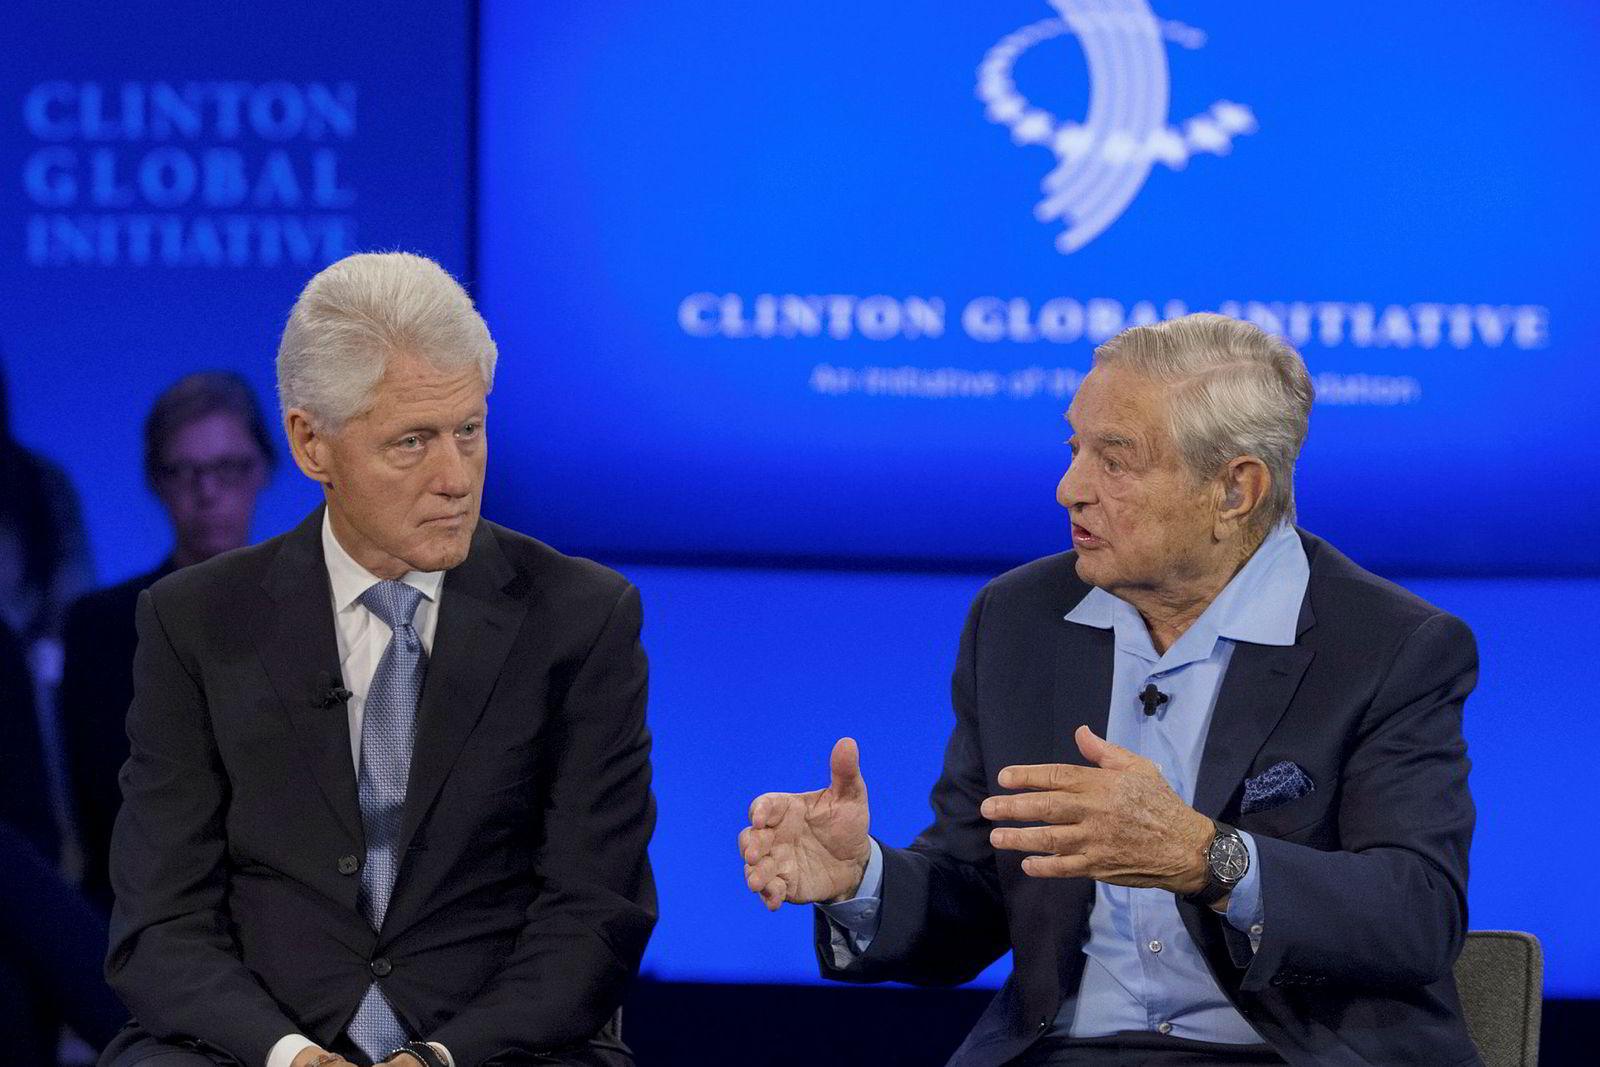 Investorlegenden George Soros (til høyre) er mest kjent for sin involvering i den britiske valutakrisen i 1992, da han tjente milliarder på å vedde imot den britiske valutaen. Den mangeårige demokratiske støttespilleren har støttet både Bill og Hillary Clintons politiske karrierer. Her er han avbildet sammen med tidligere president Bill Clinton under et arrangement i New York.